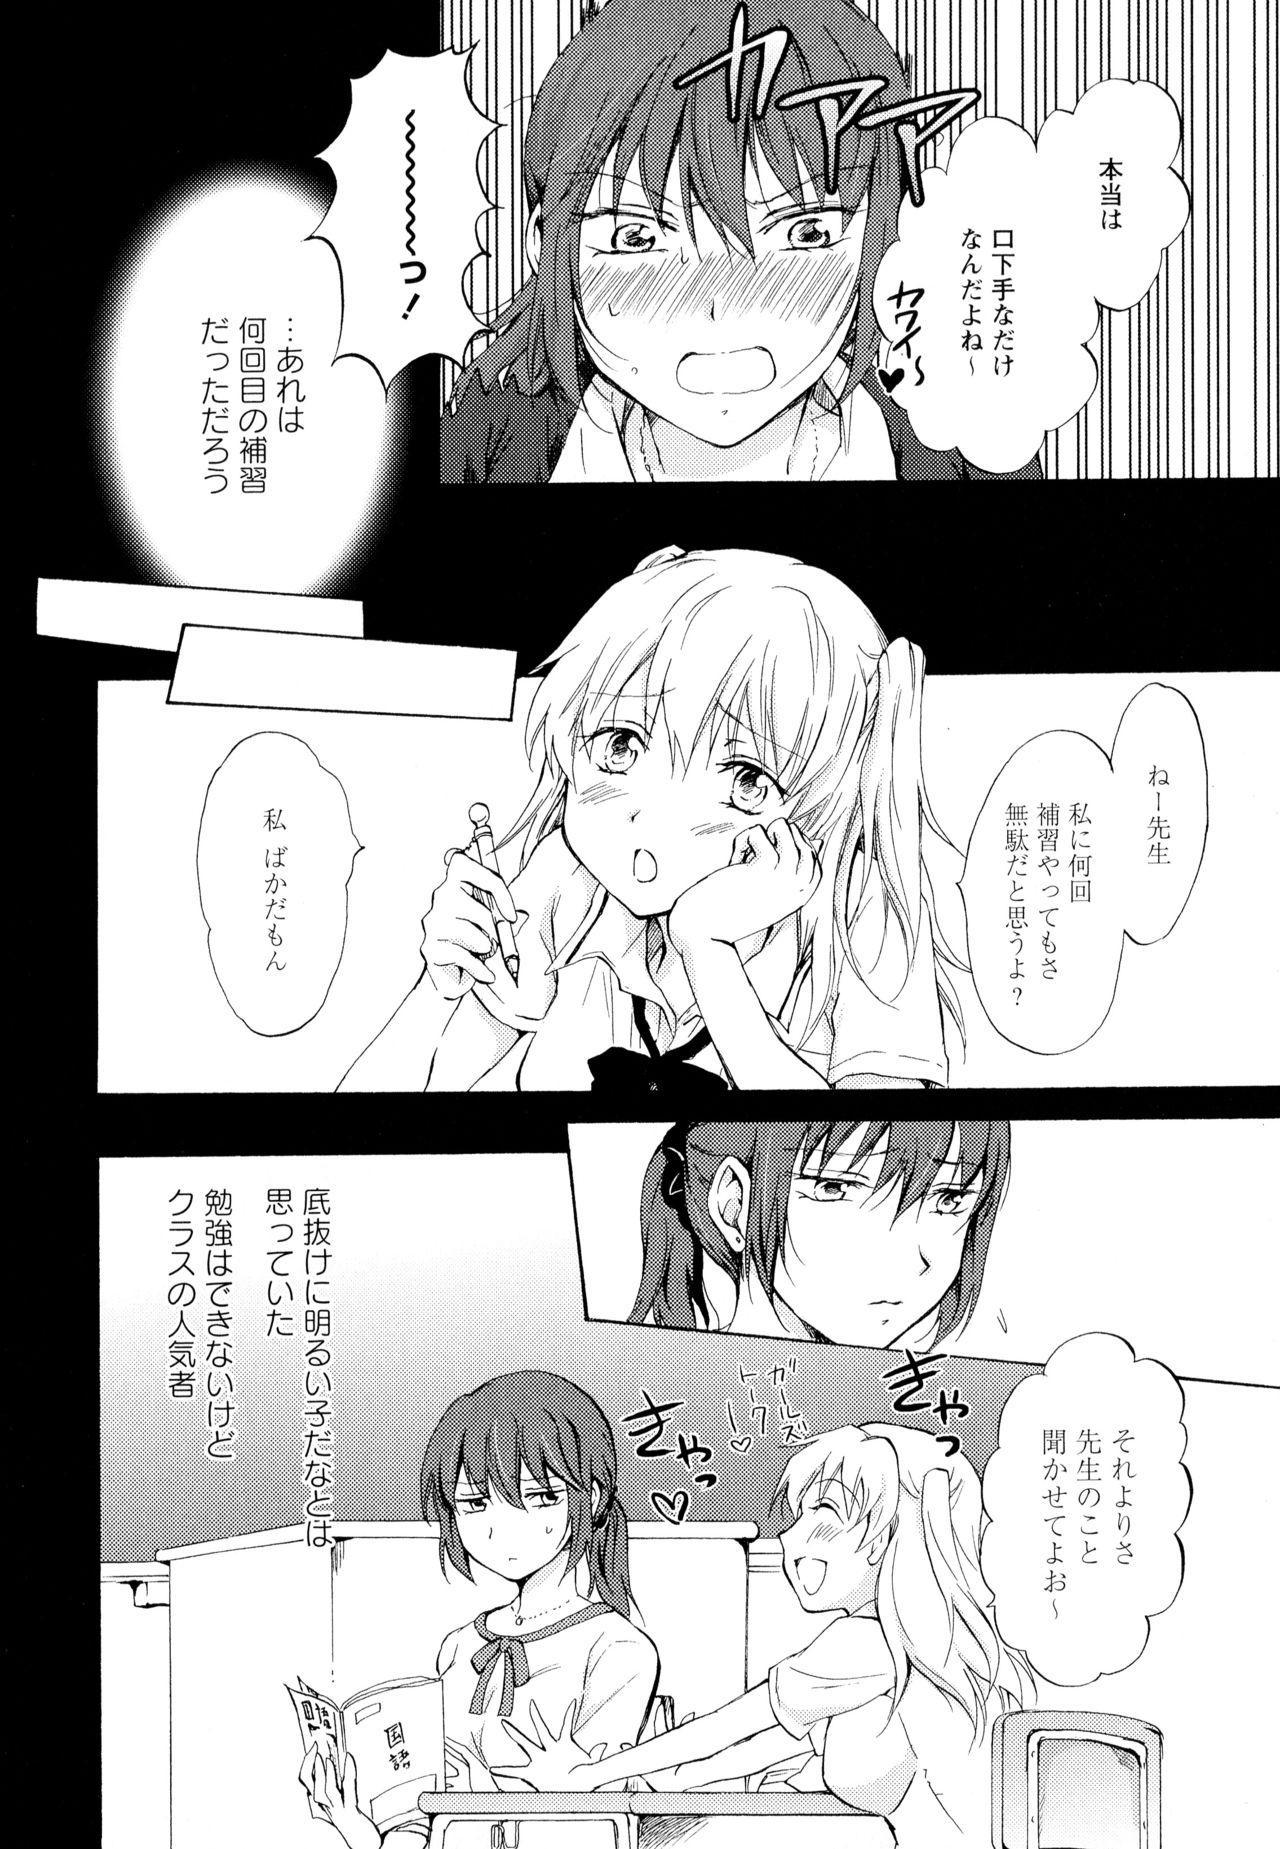 Aya Yuri Vol. 5 69